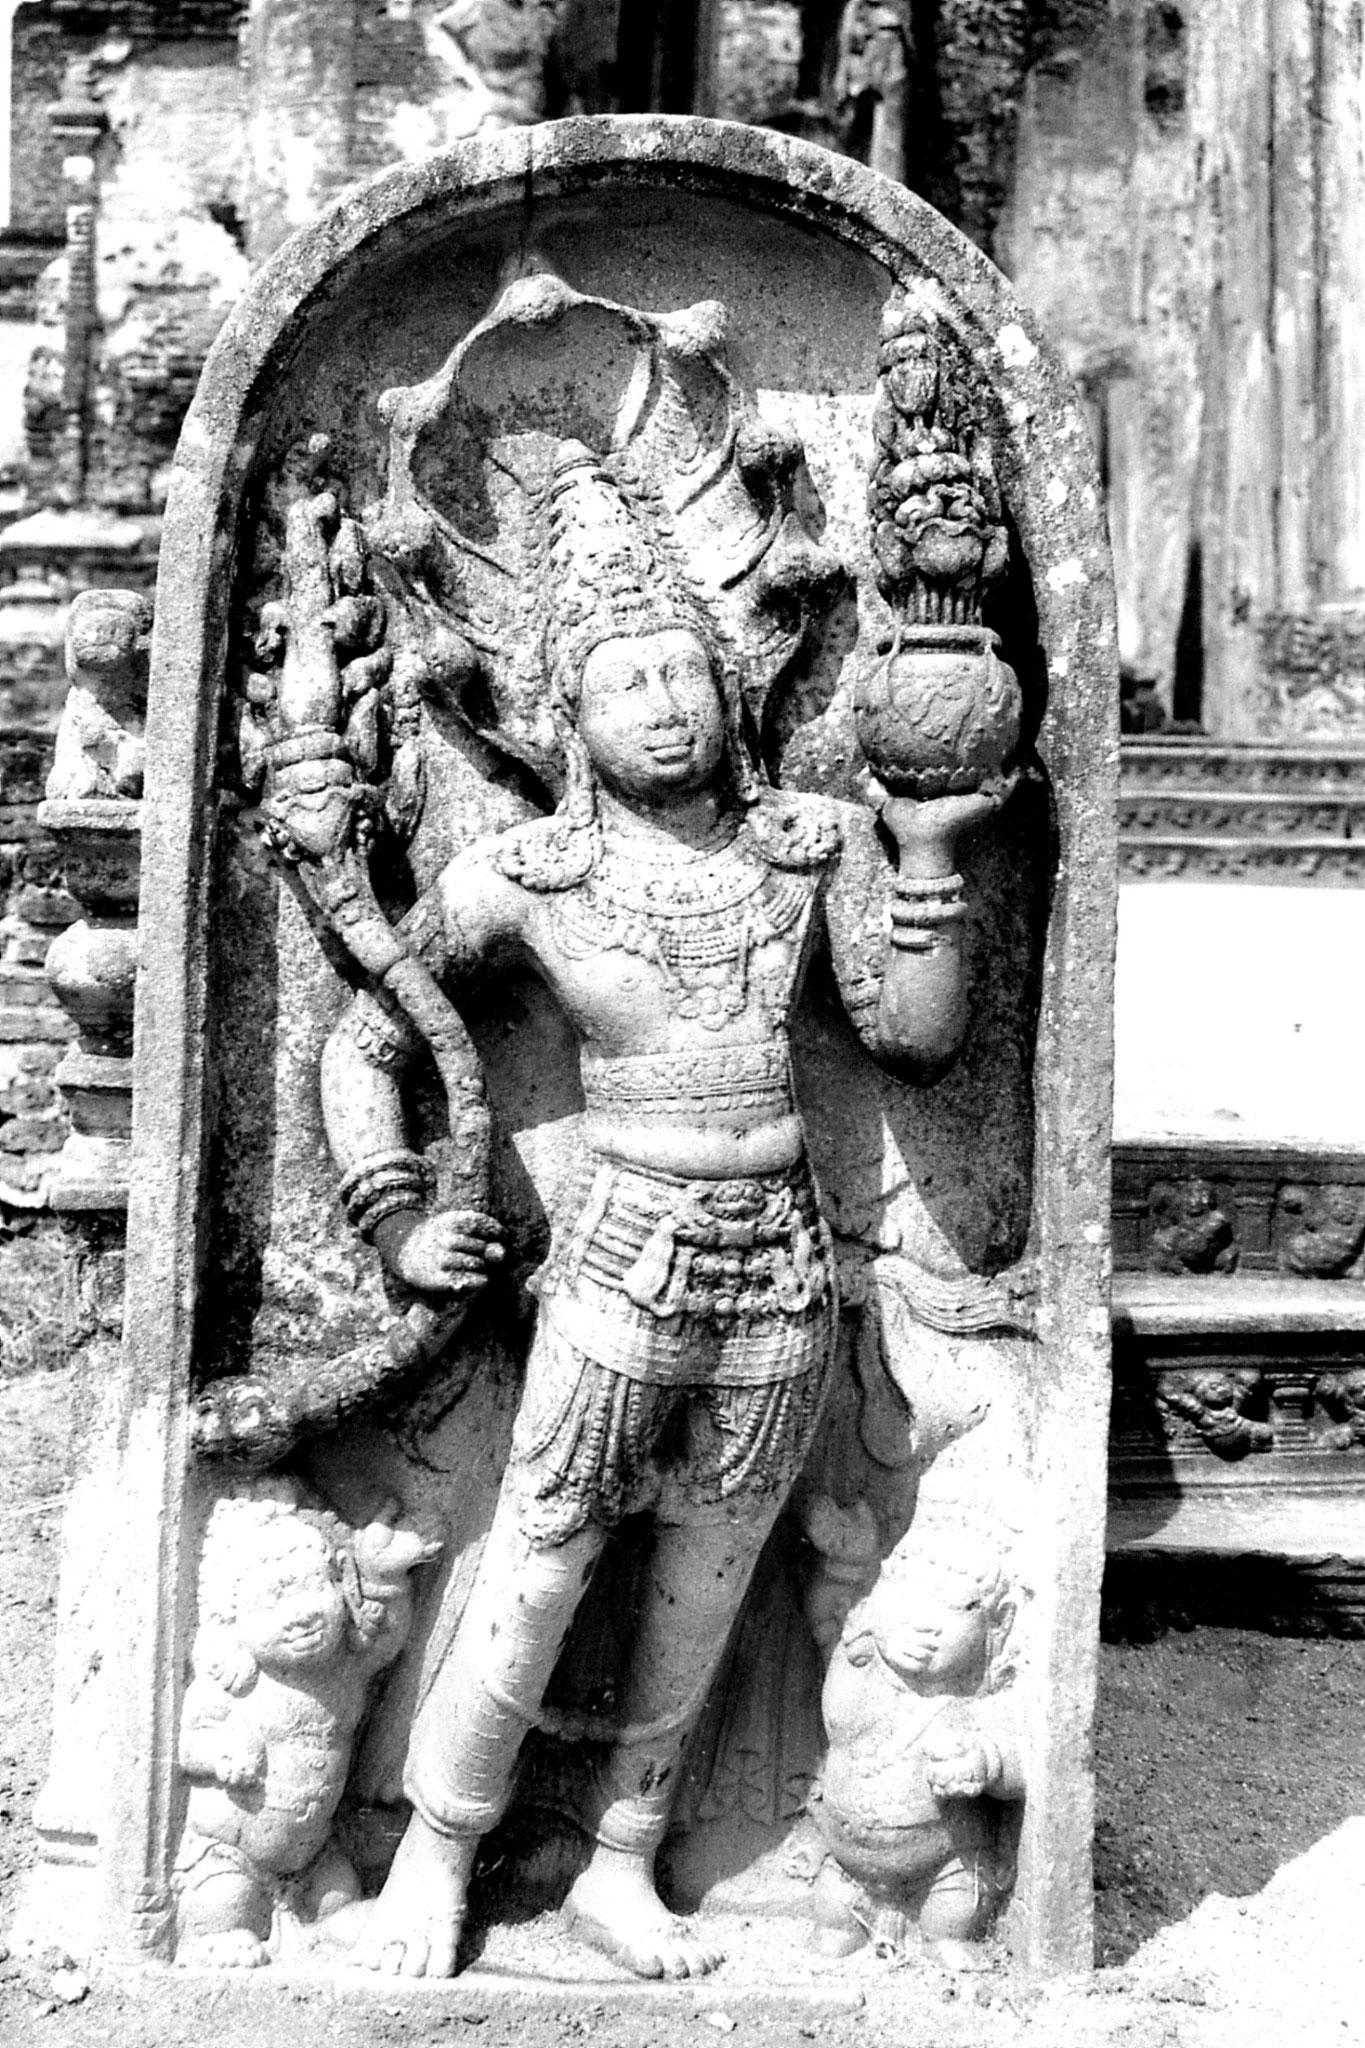 8/2/90: 20: Polonnaruwa